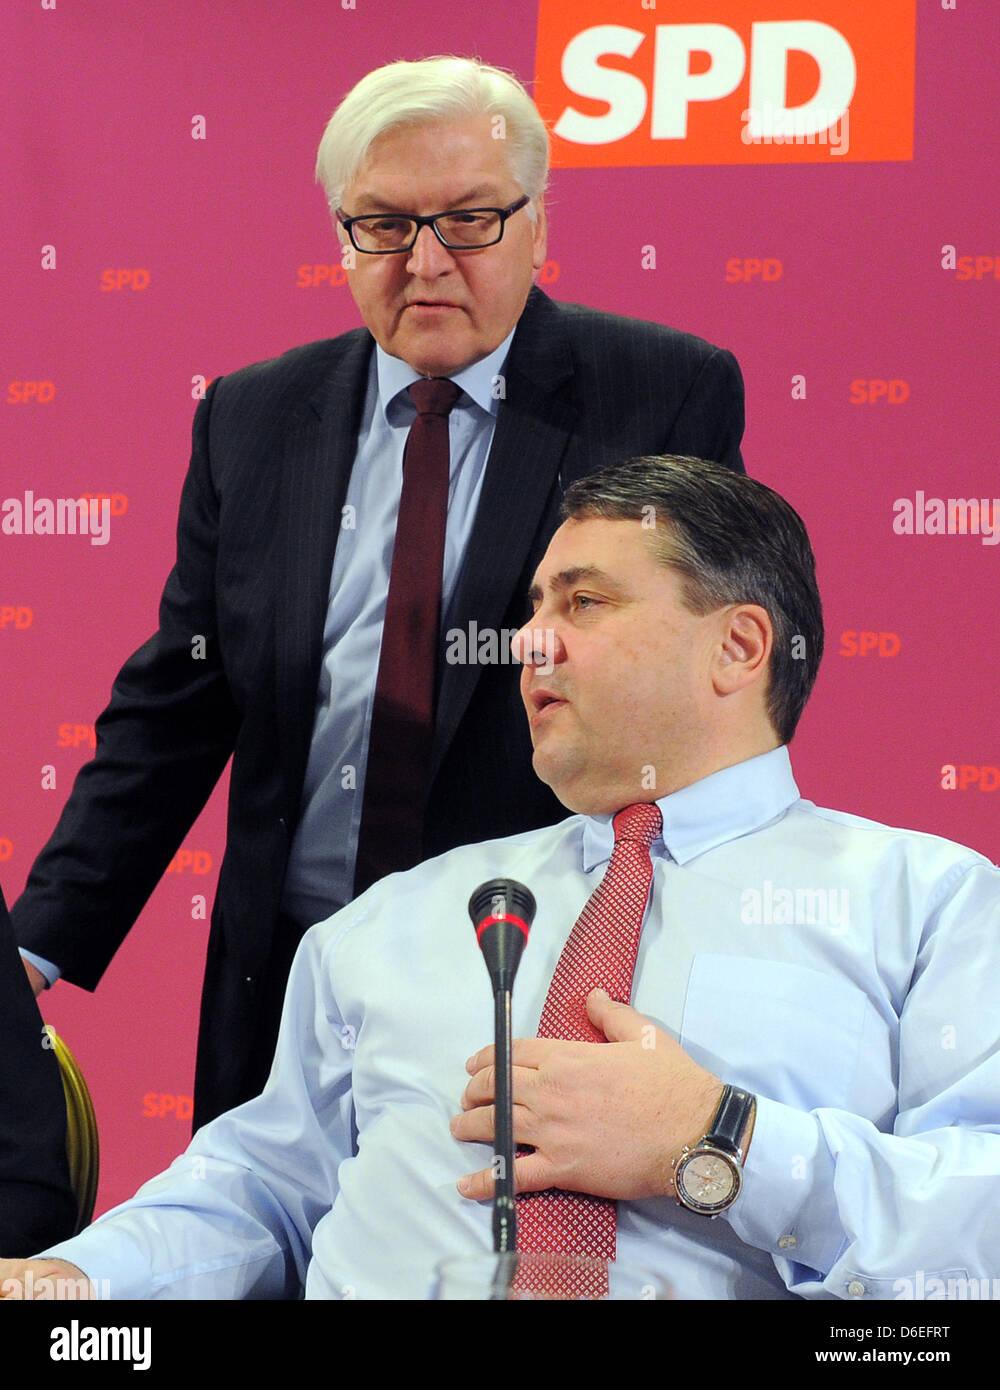 El presidente del Partido Social Demócrata de Alemania (SPD), Sigmar Gabriel (R) habla con fracción presidente Frank Walter Steinmeier en la primera convención de SPD 2012 en el Inselhotel en Potsdam, Alemania, el 30 de enero de 2012. Foto: BERND SETTNIK Foto de stock